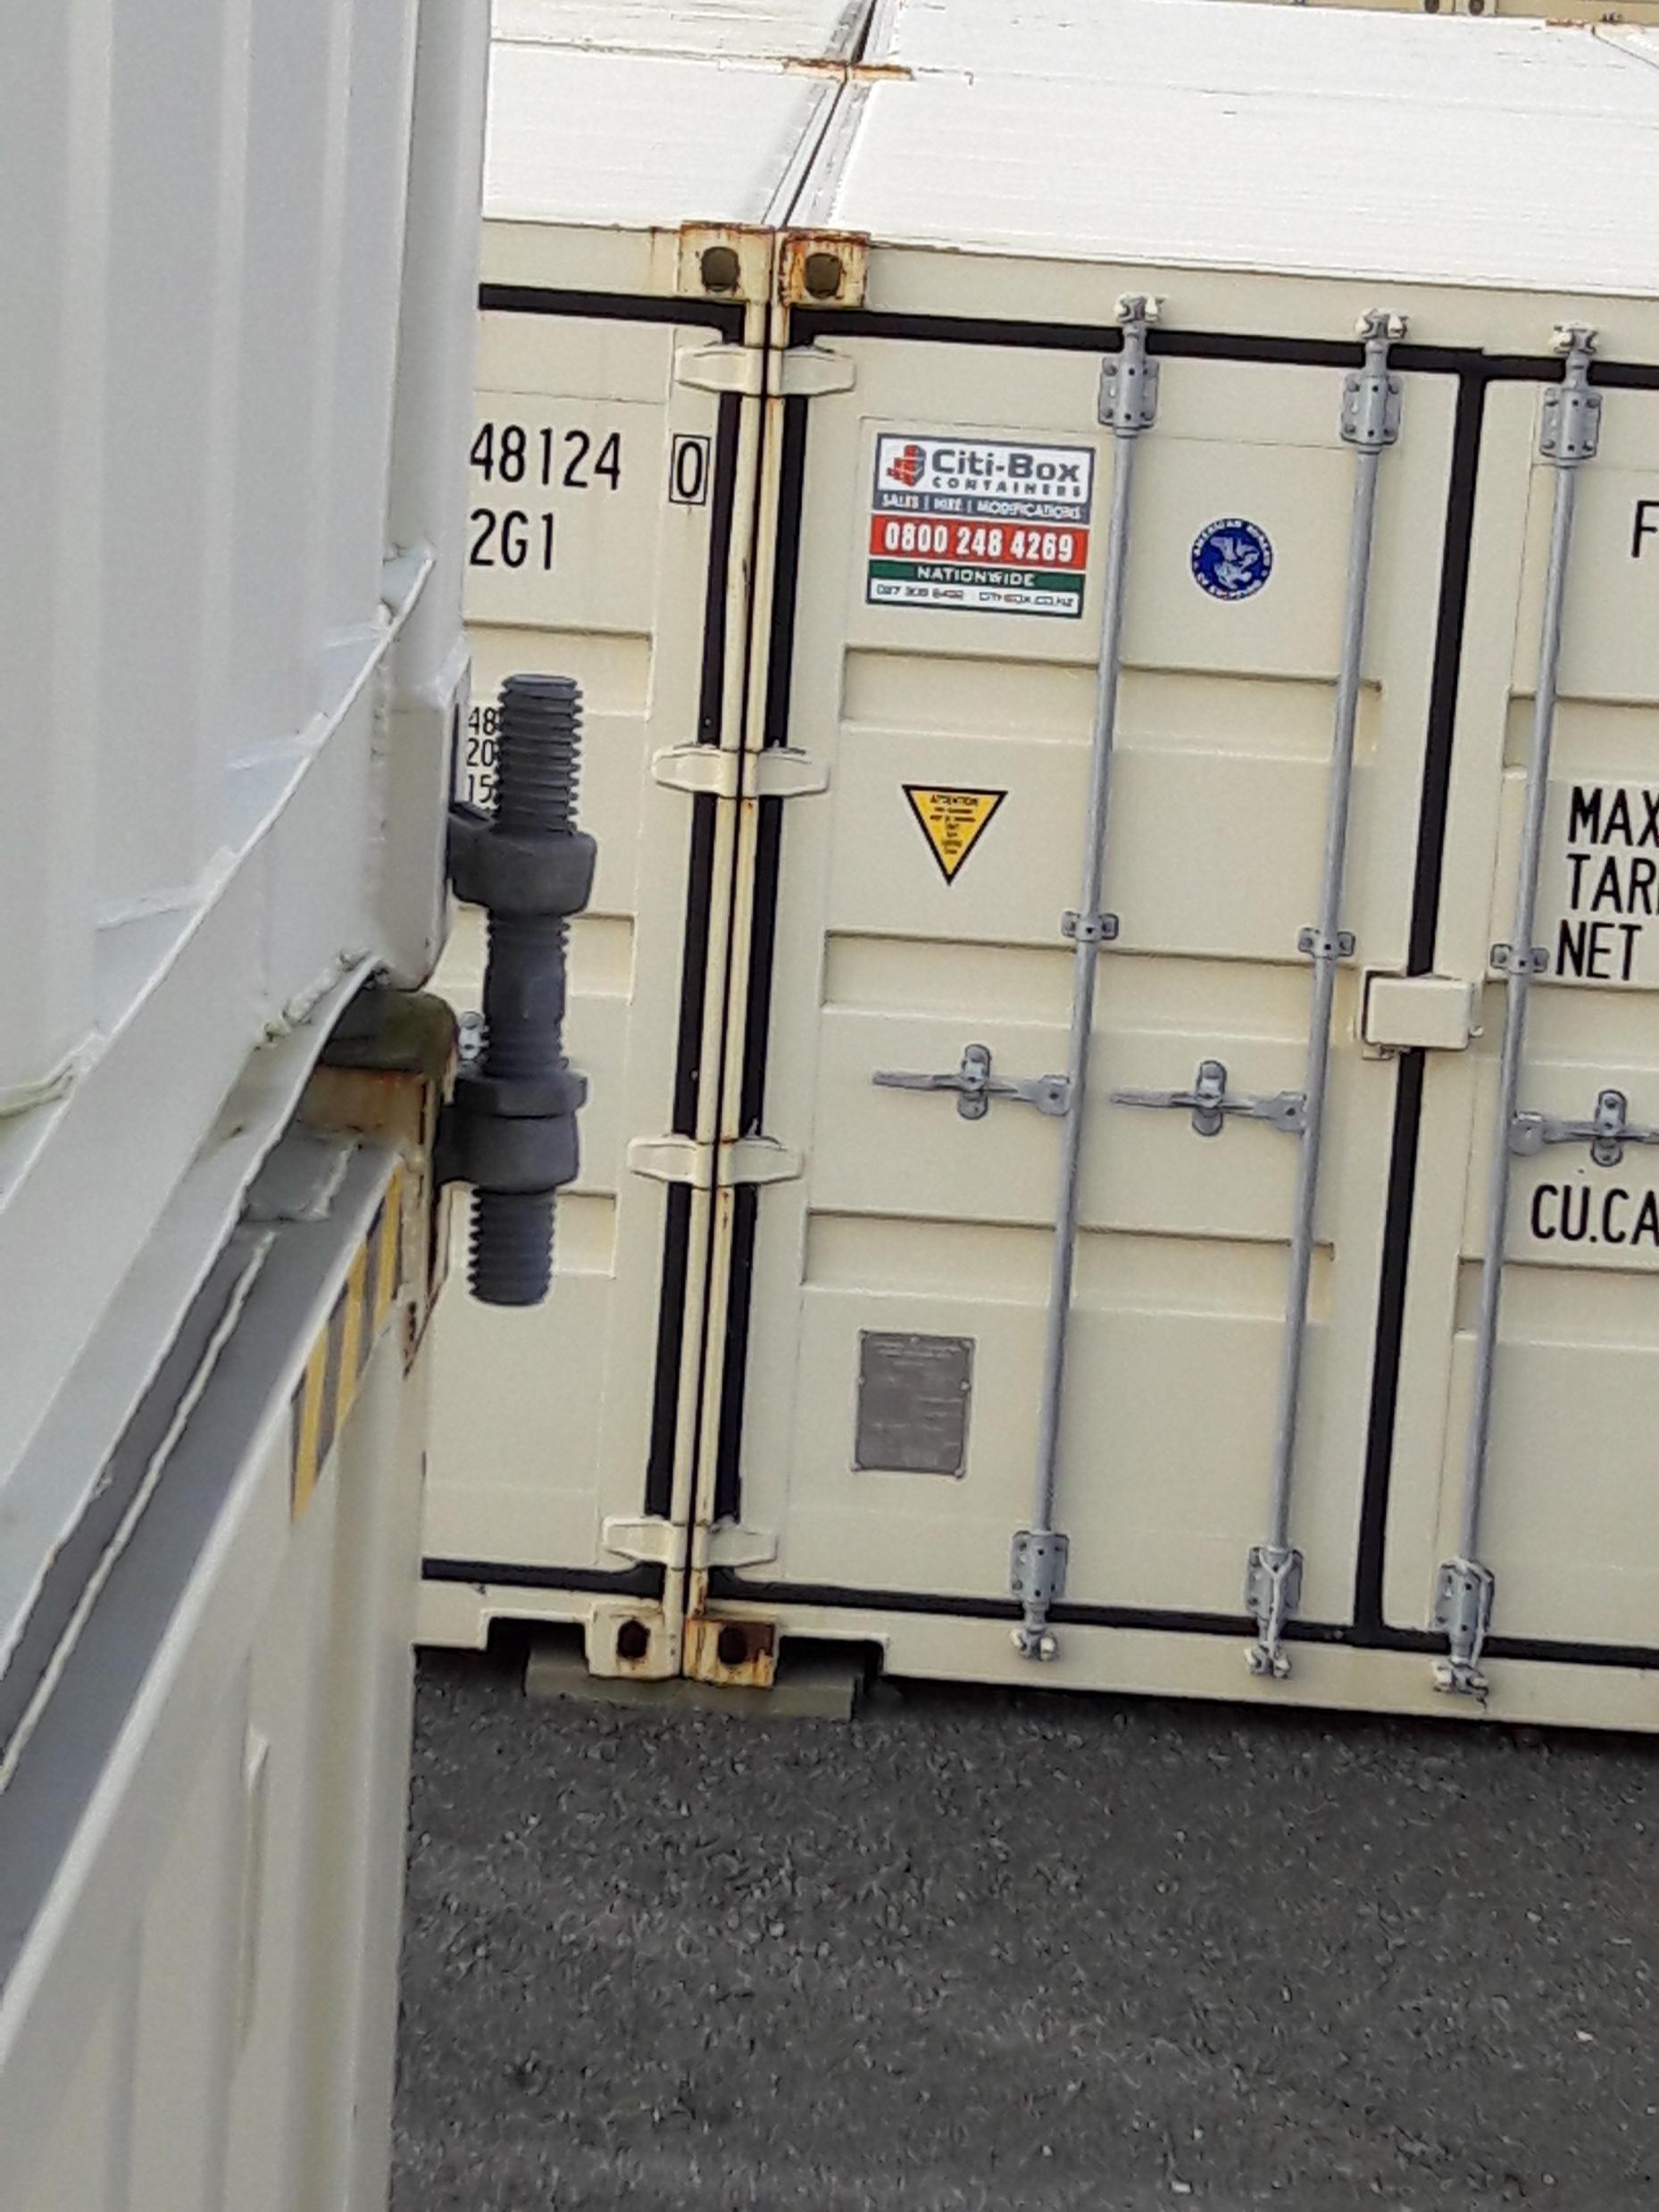 Shipping Container Bridge Fitting Ctbubf Citi Box